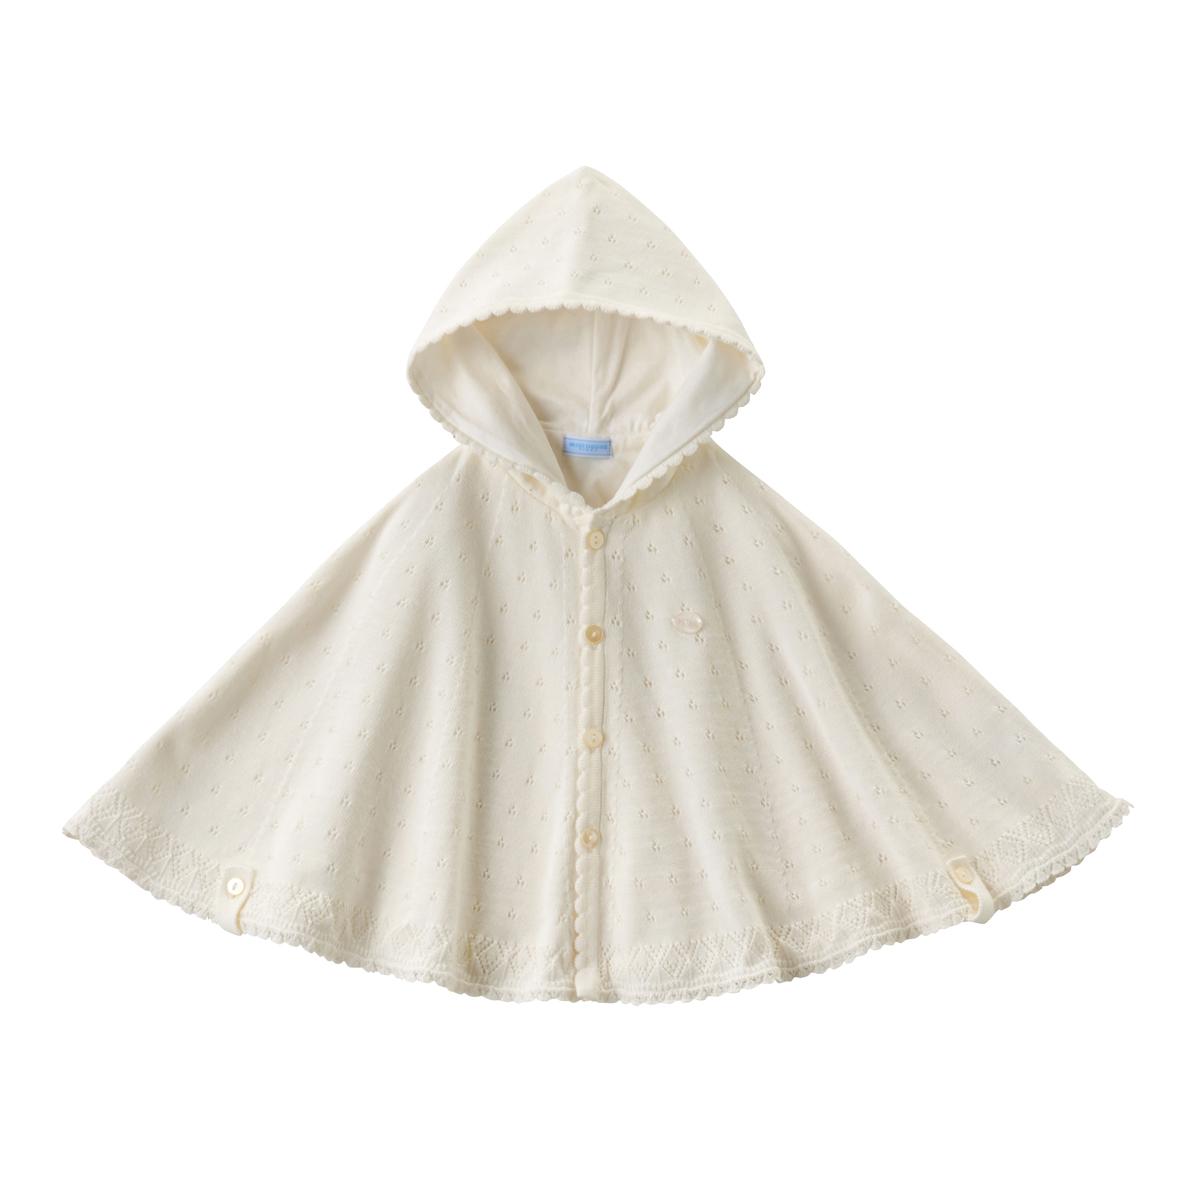 ミキハウス mikihouse 透かし編みケープ〈フリー(50cm-90cm)〉 ベビー服 子供服 赤ちゃん 女の子 男の子 UVカット アウター